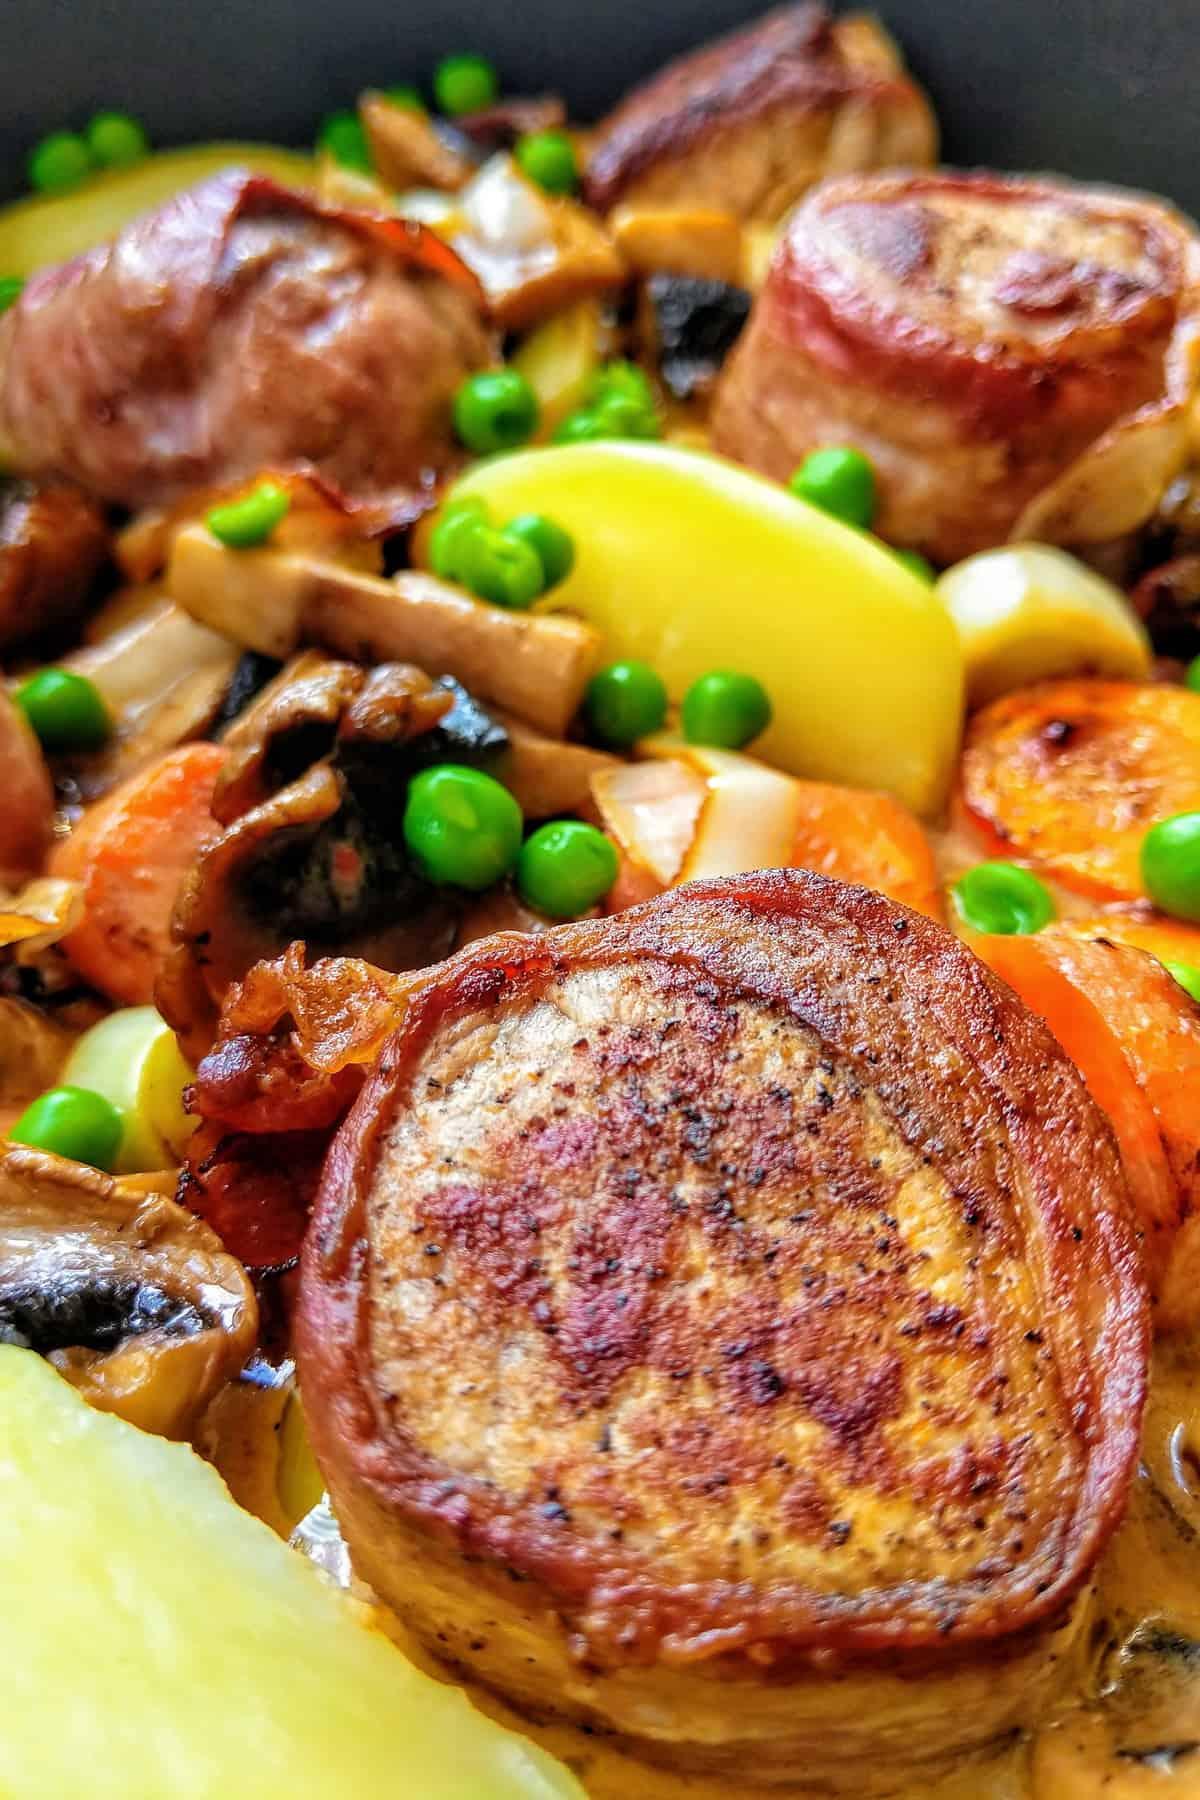 Eine Nahaufnahme von Medaillons mit Bacon und buntem Gemüse in Senfsoße.